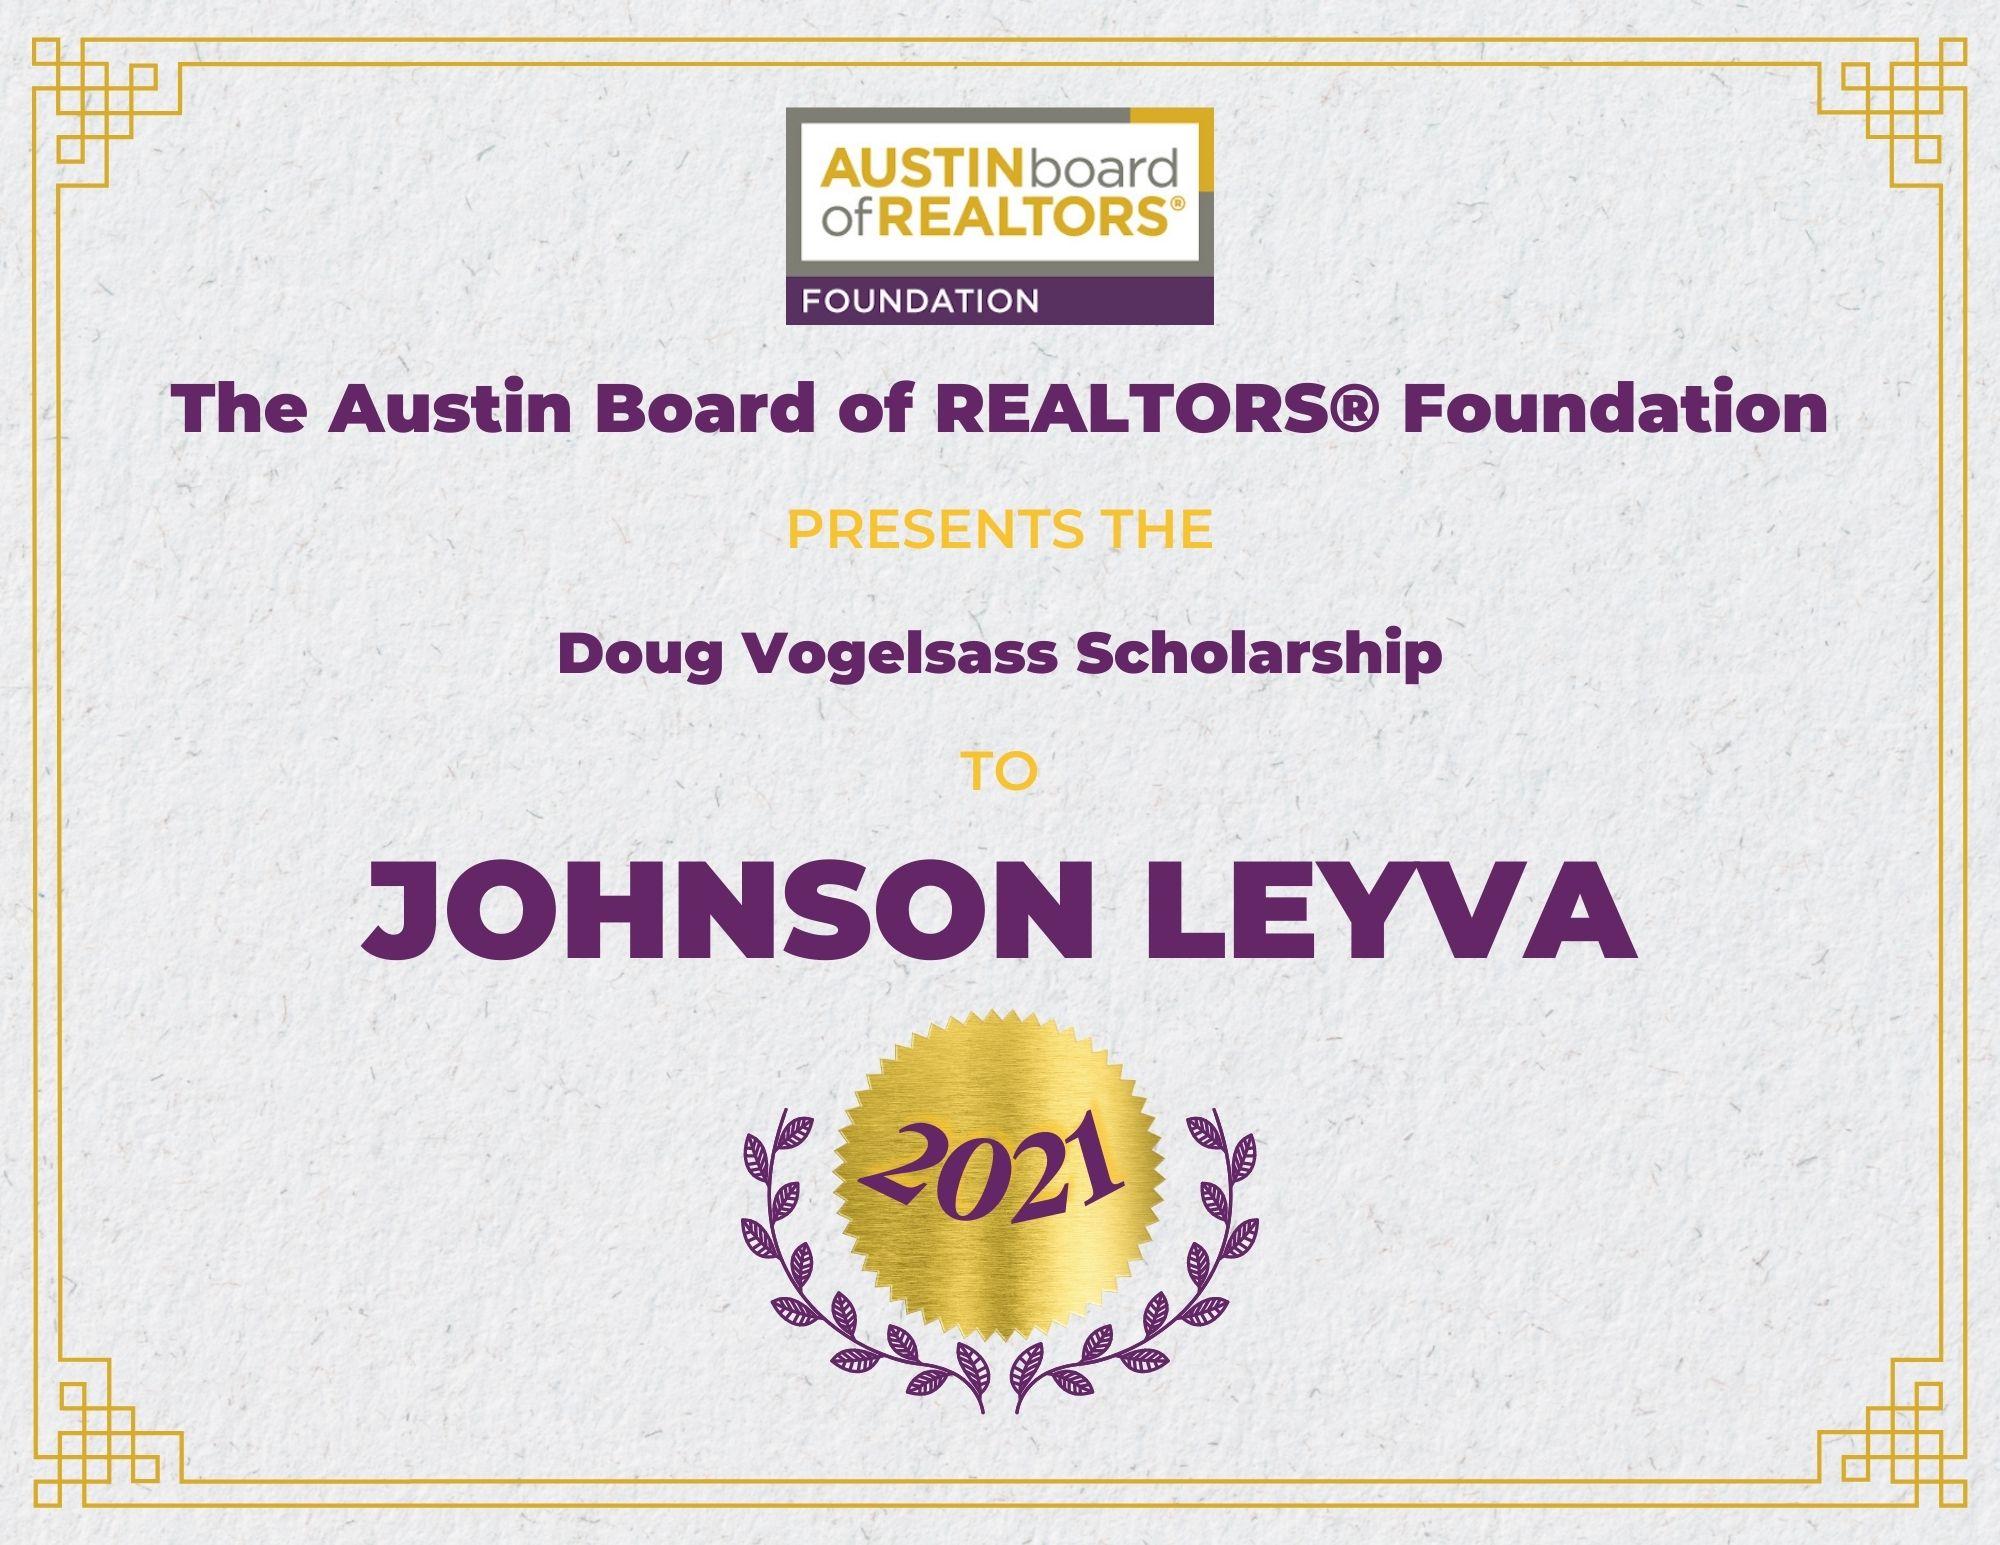 2021 Fou Scholarship Certificate Johnsonleyva